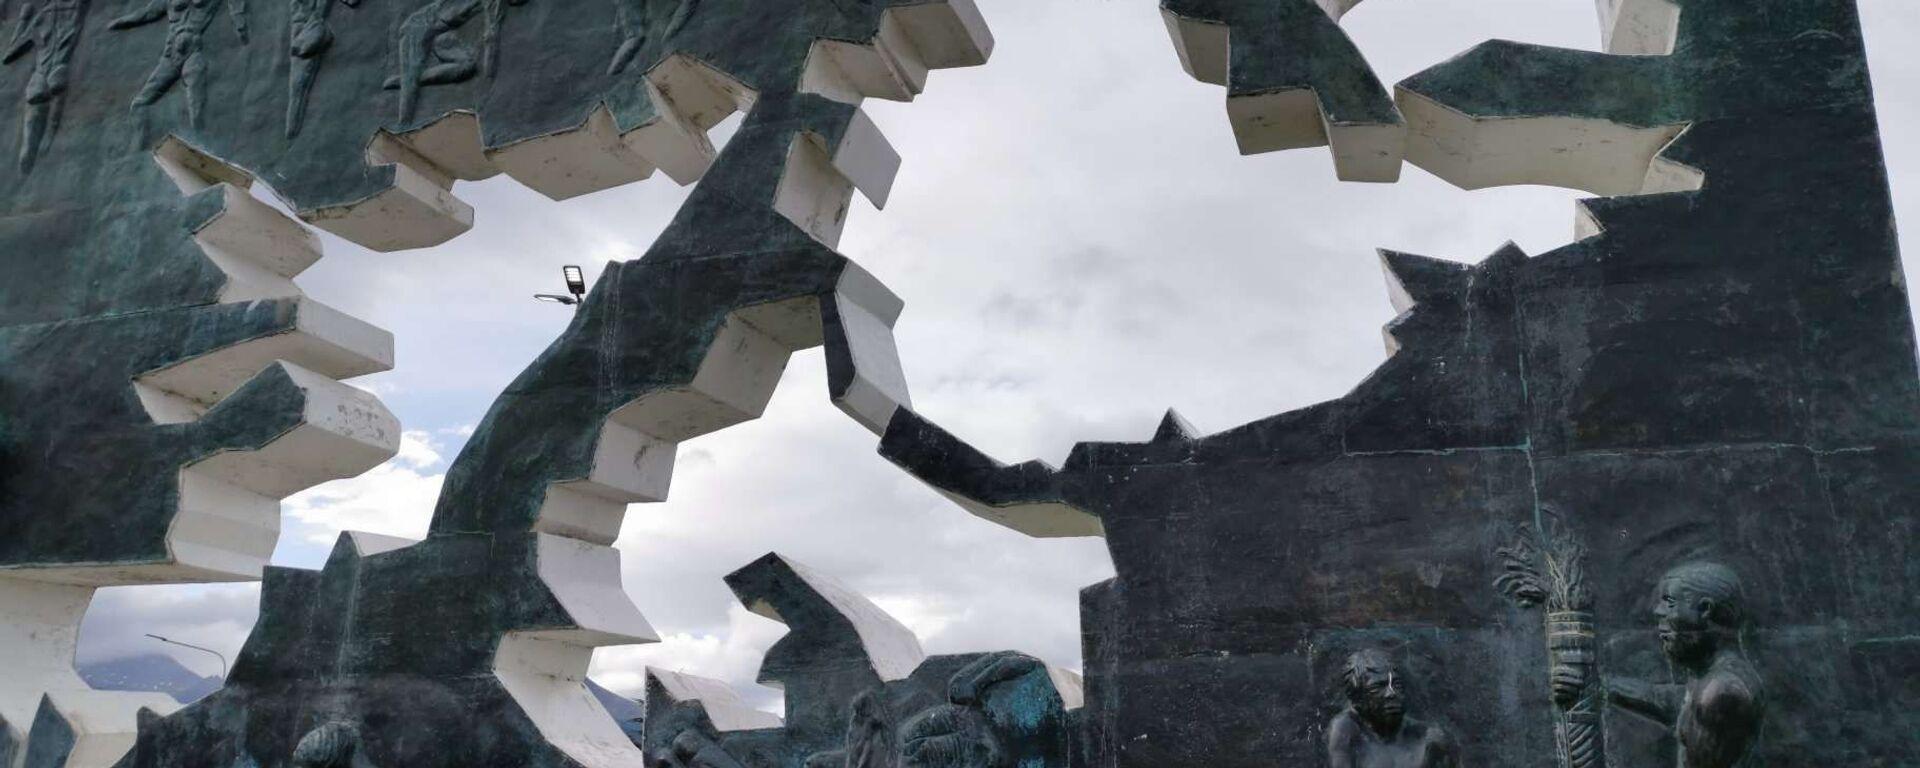 Monumento a los Caídos en Malvinas, en Ushuaia, Argentina - Sputnik Mundo, 1920, 02.04.2021